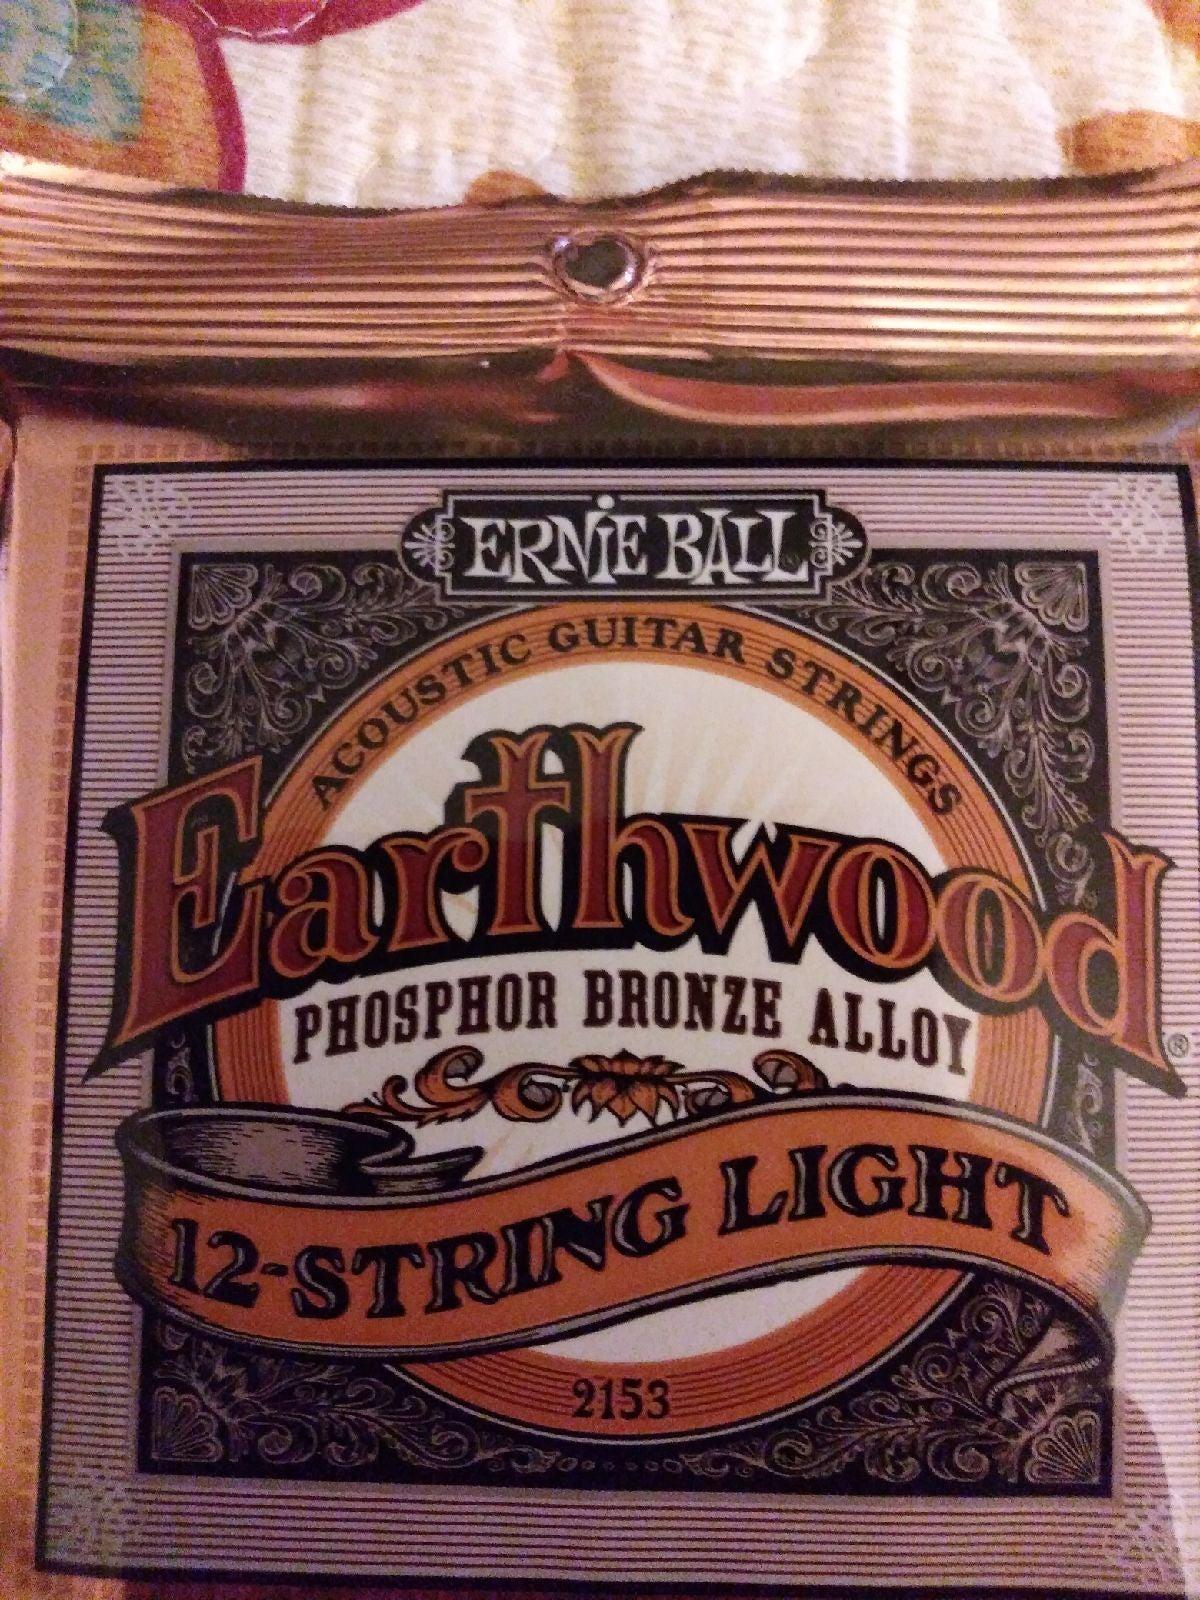 Ernie Ball Earthwood 12-string Light Str